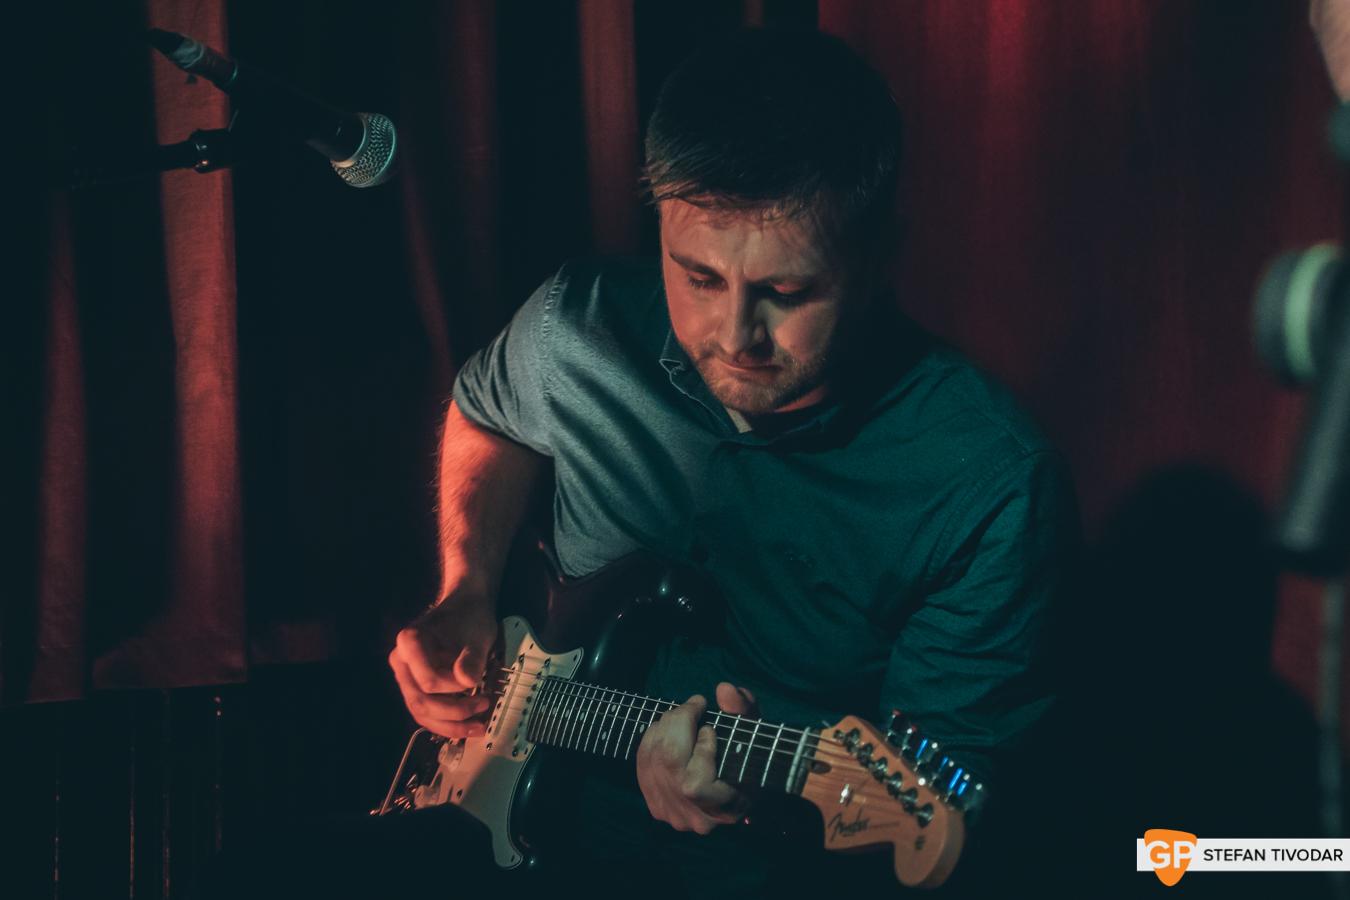 Scott Williamson Ruby Sessions 4 June 2019 Tivodar 2